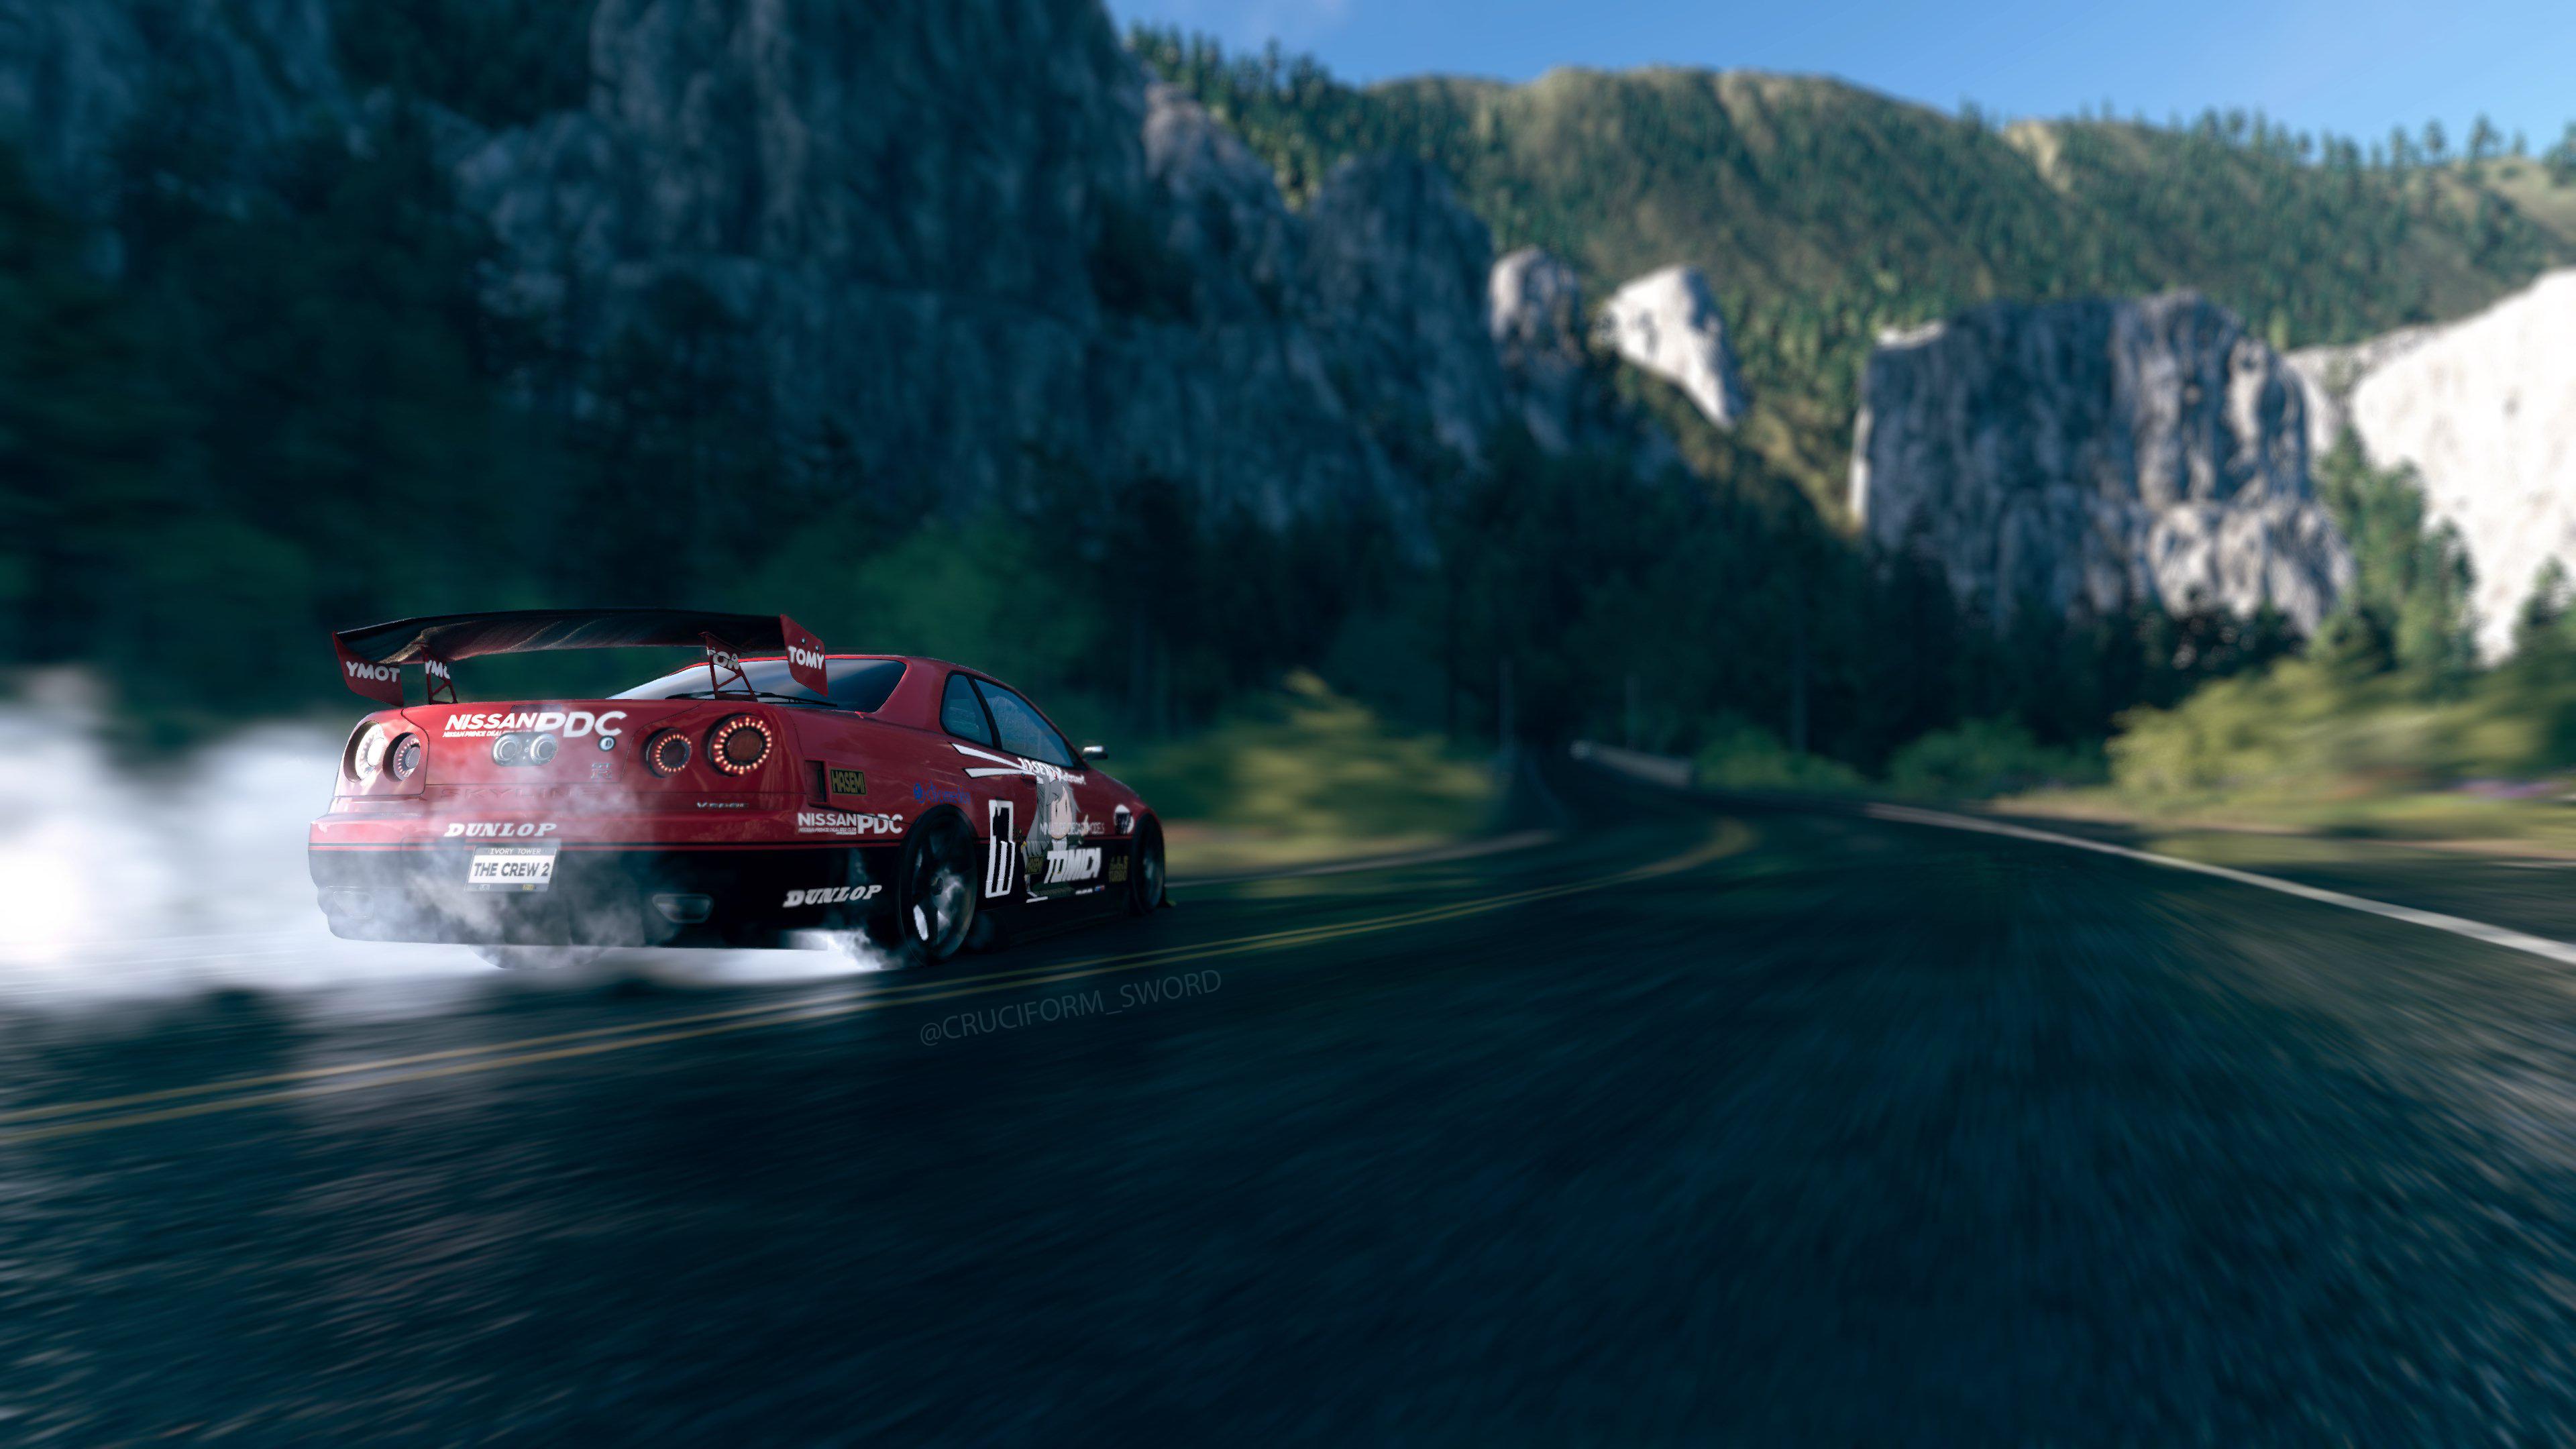 Wallpaper : skyline gtr, drift cars, in game, screen shot ...